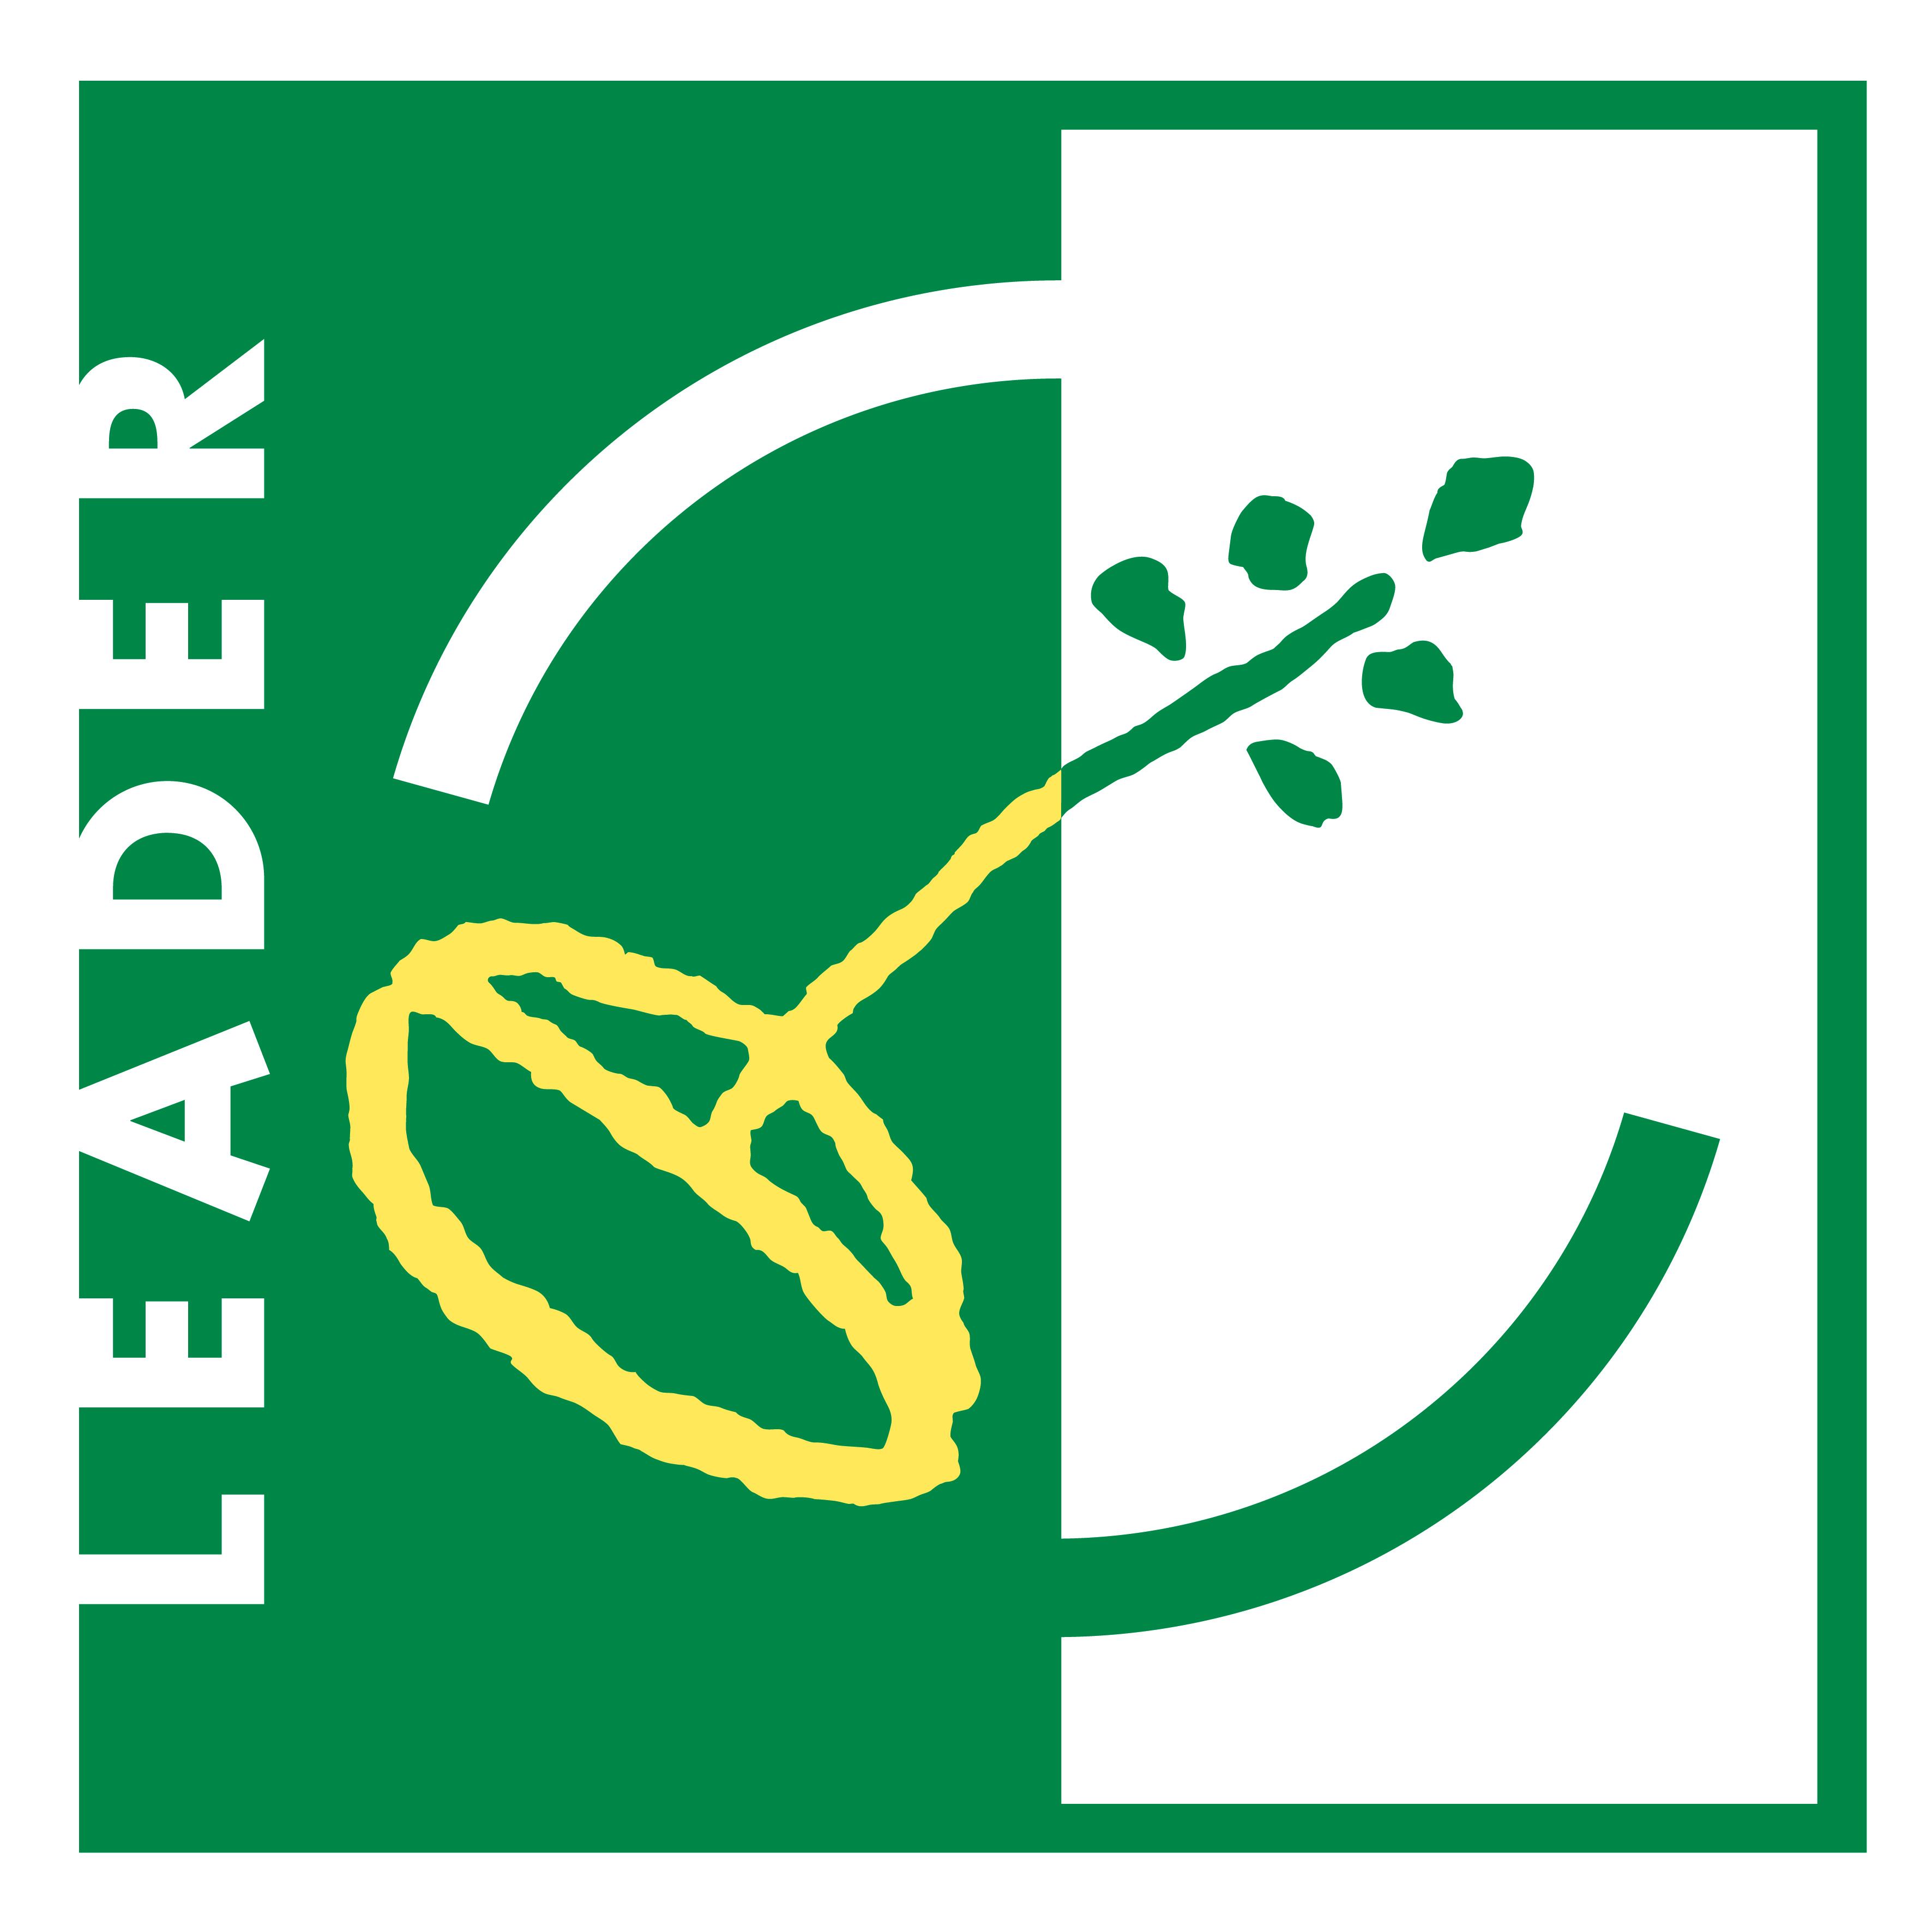 Pihenő-tó átadó ünnepség Dunaalmáson 2020.09.05.-LEADER rendezvény